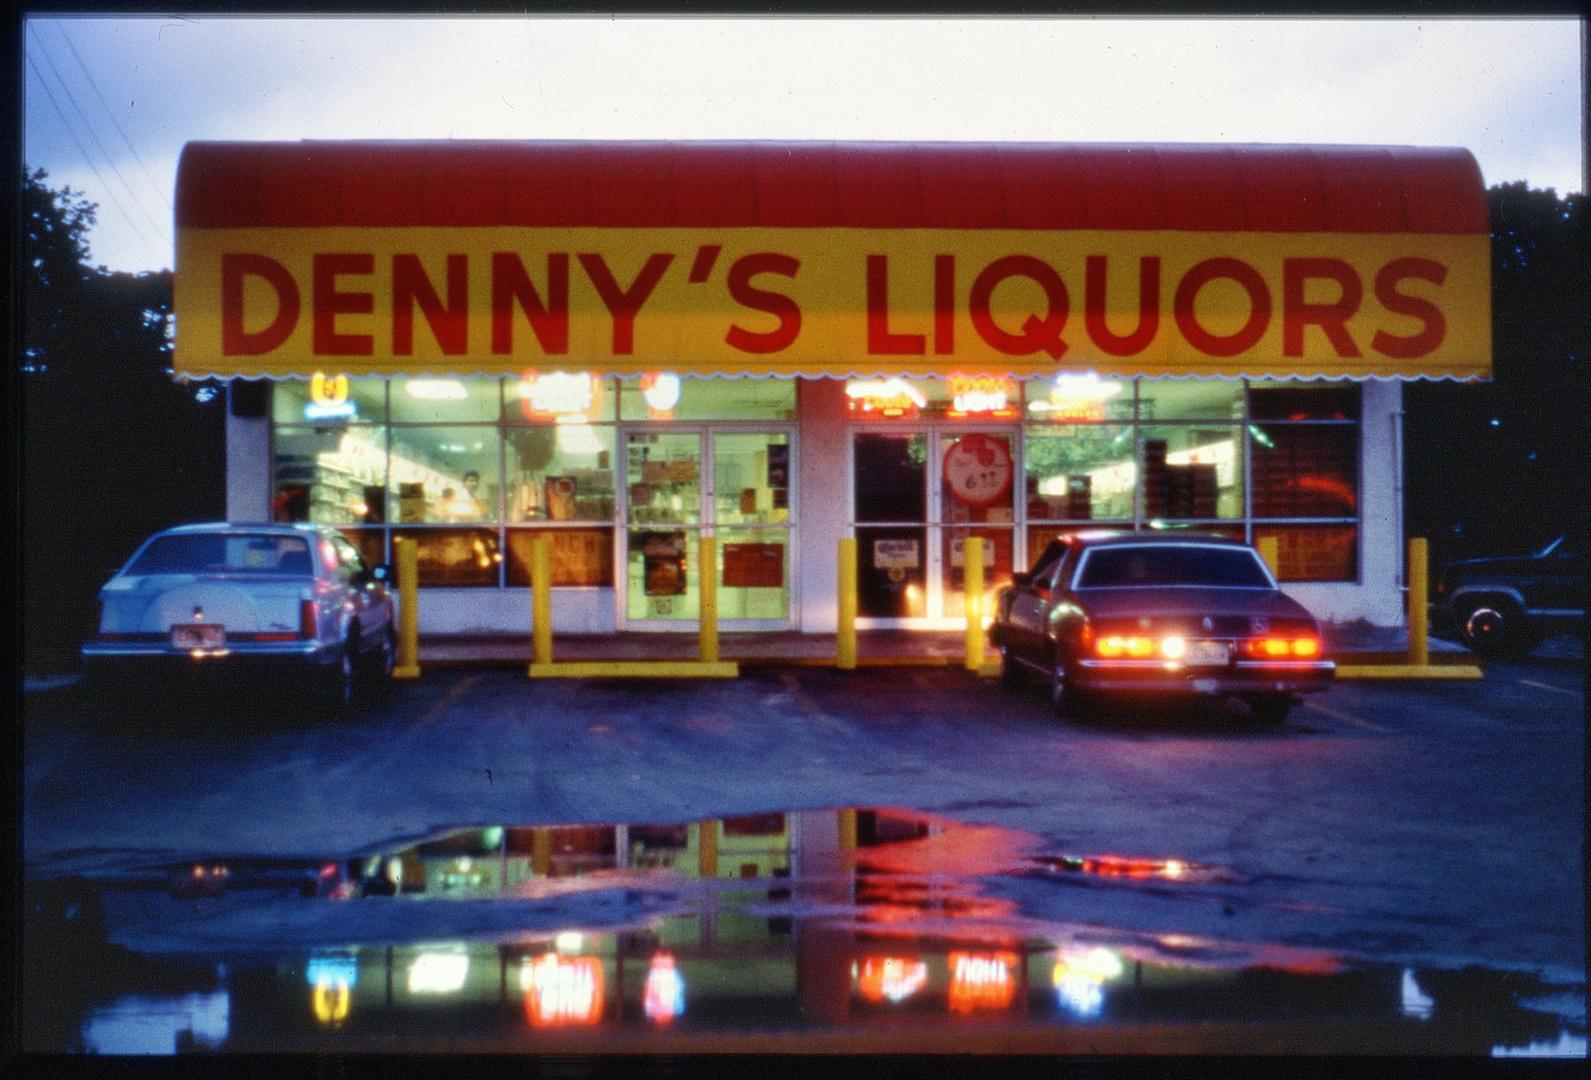 Denny's Liquors